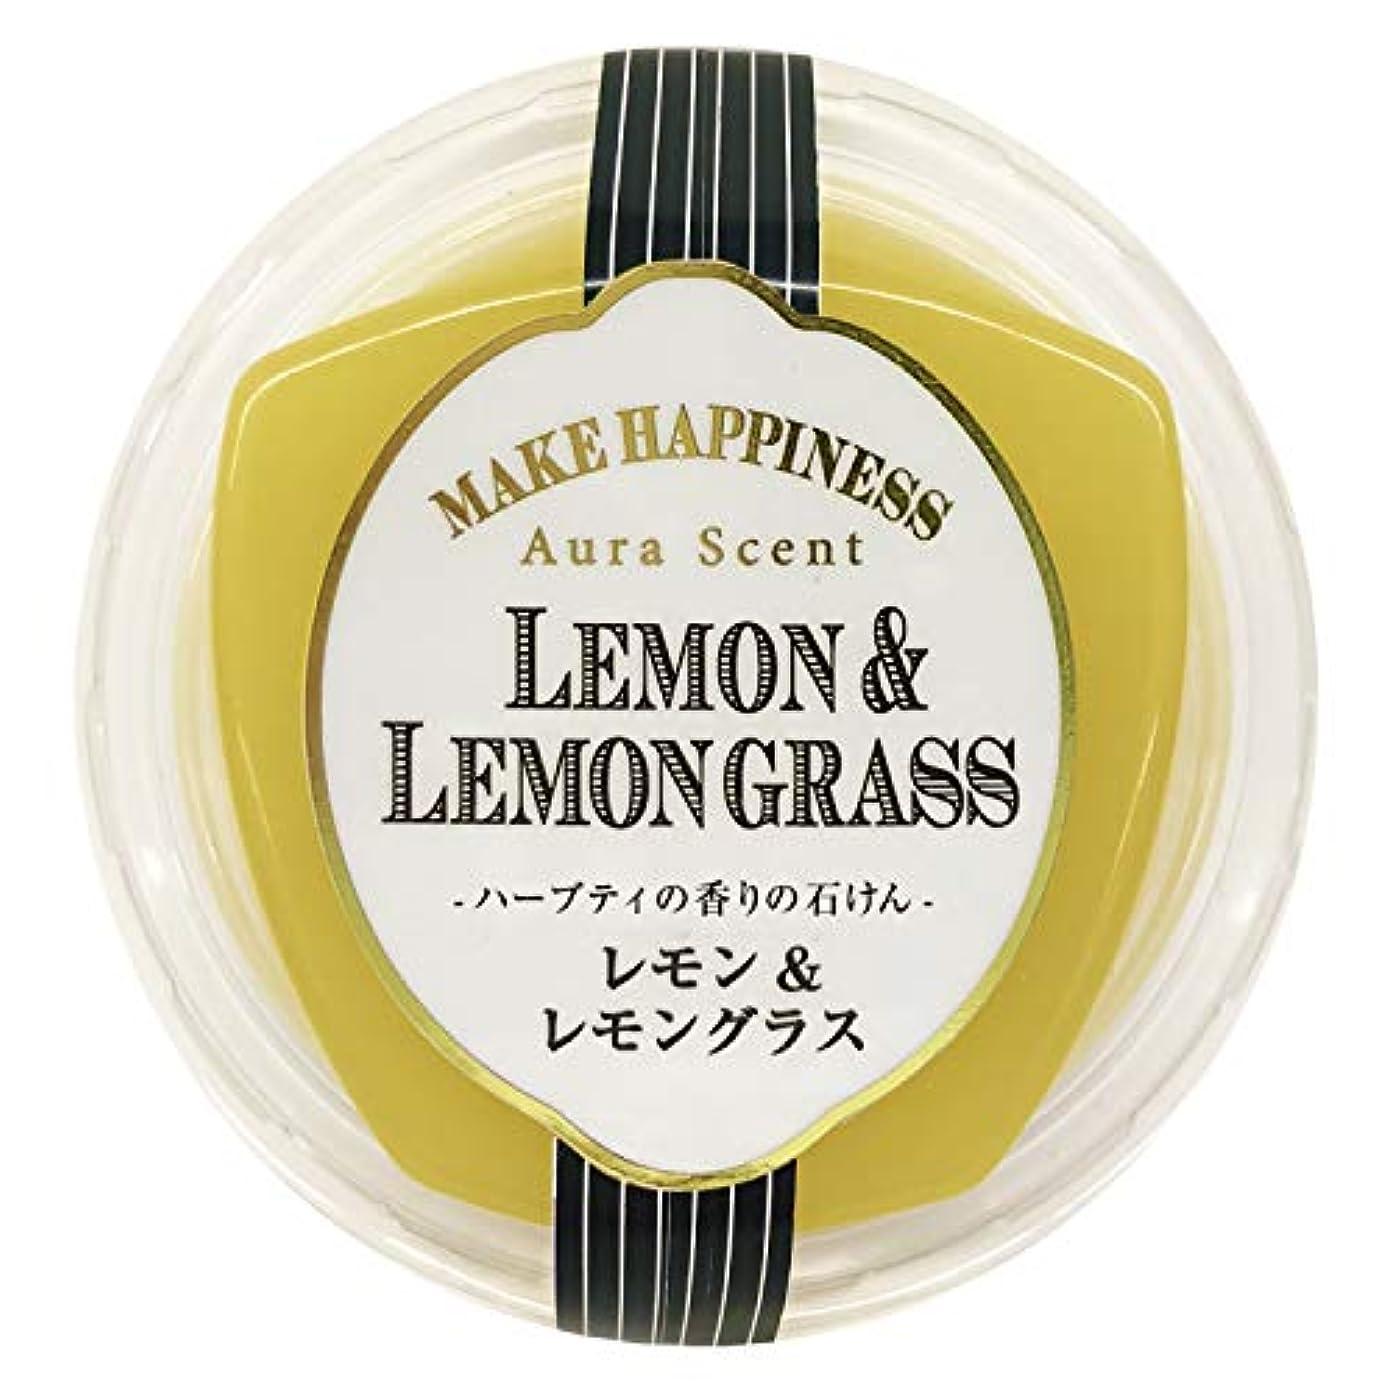 バリー司教ロードされたペリカン石鹸 オーラセント クリアソープレモン&レモングラス 75g